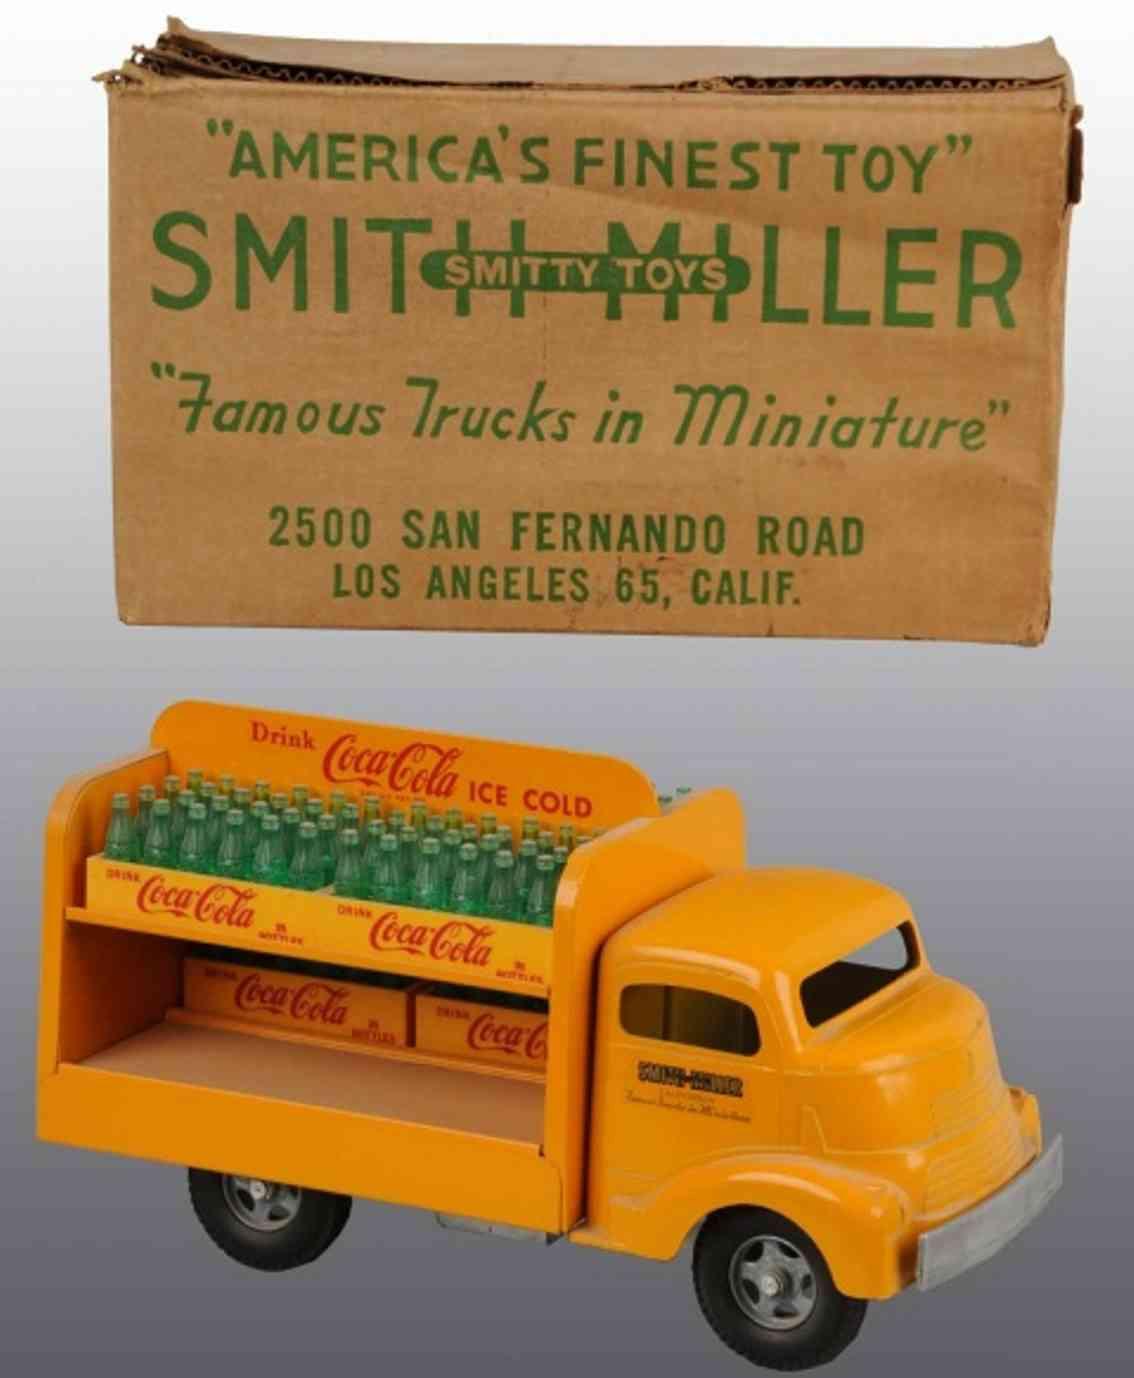 smith-miller coca-colaa truck oragne